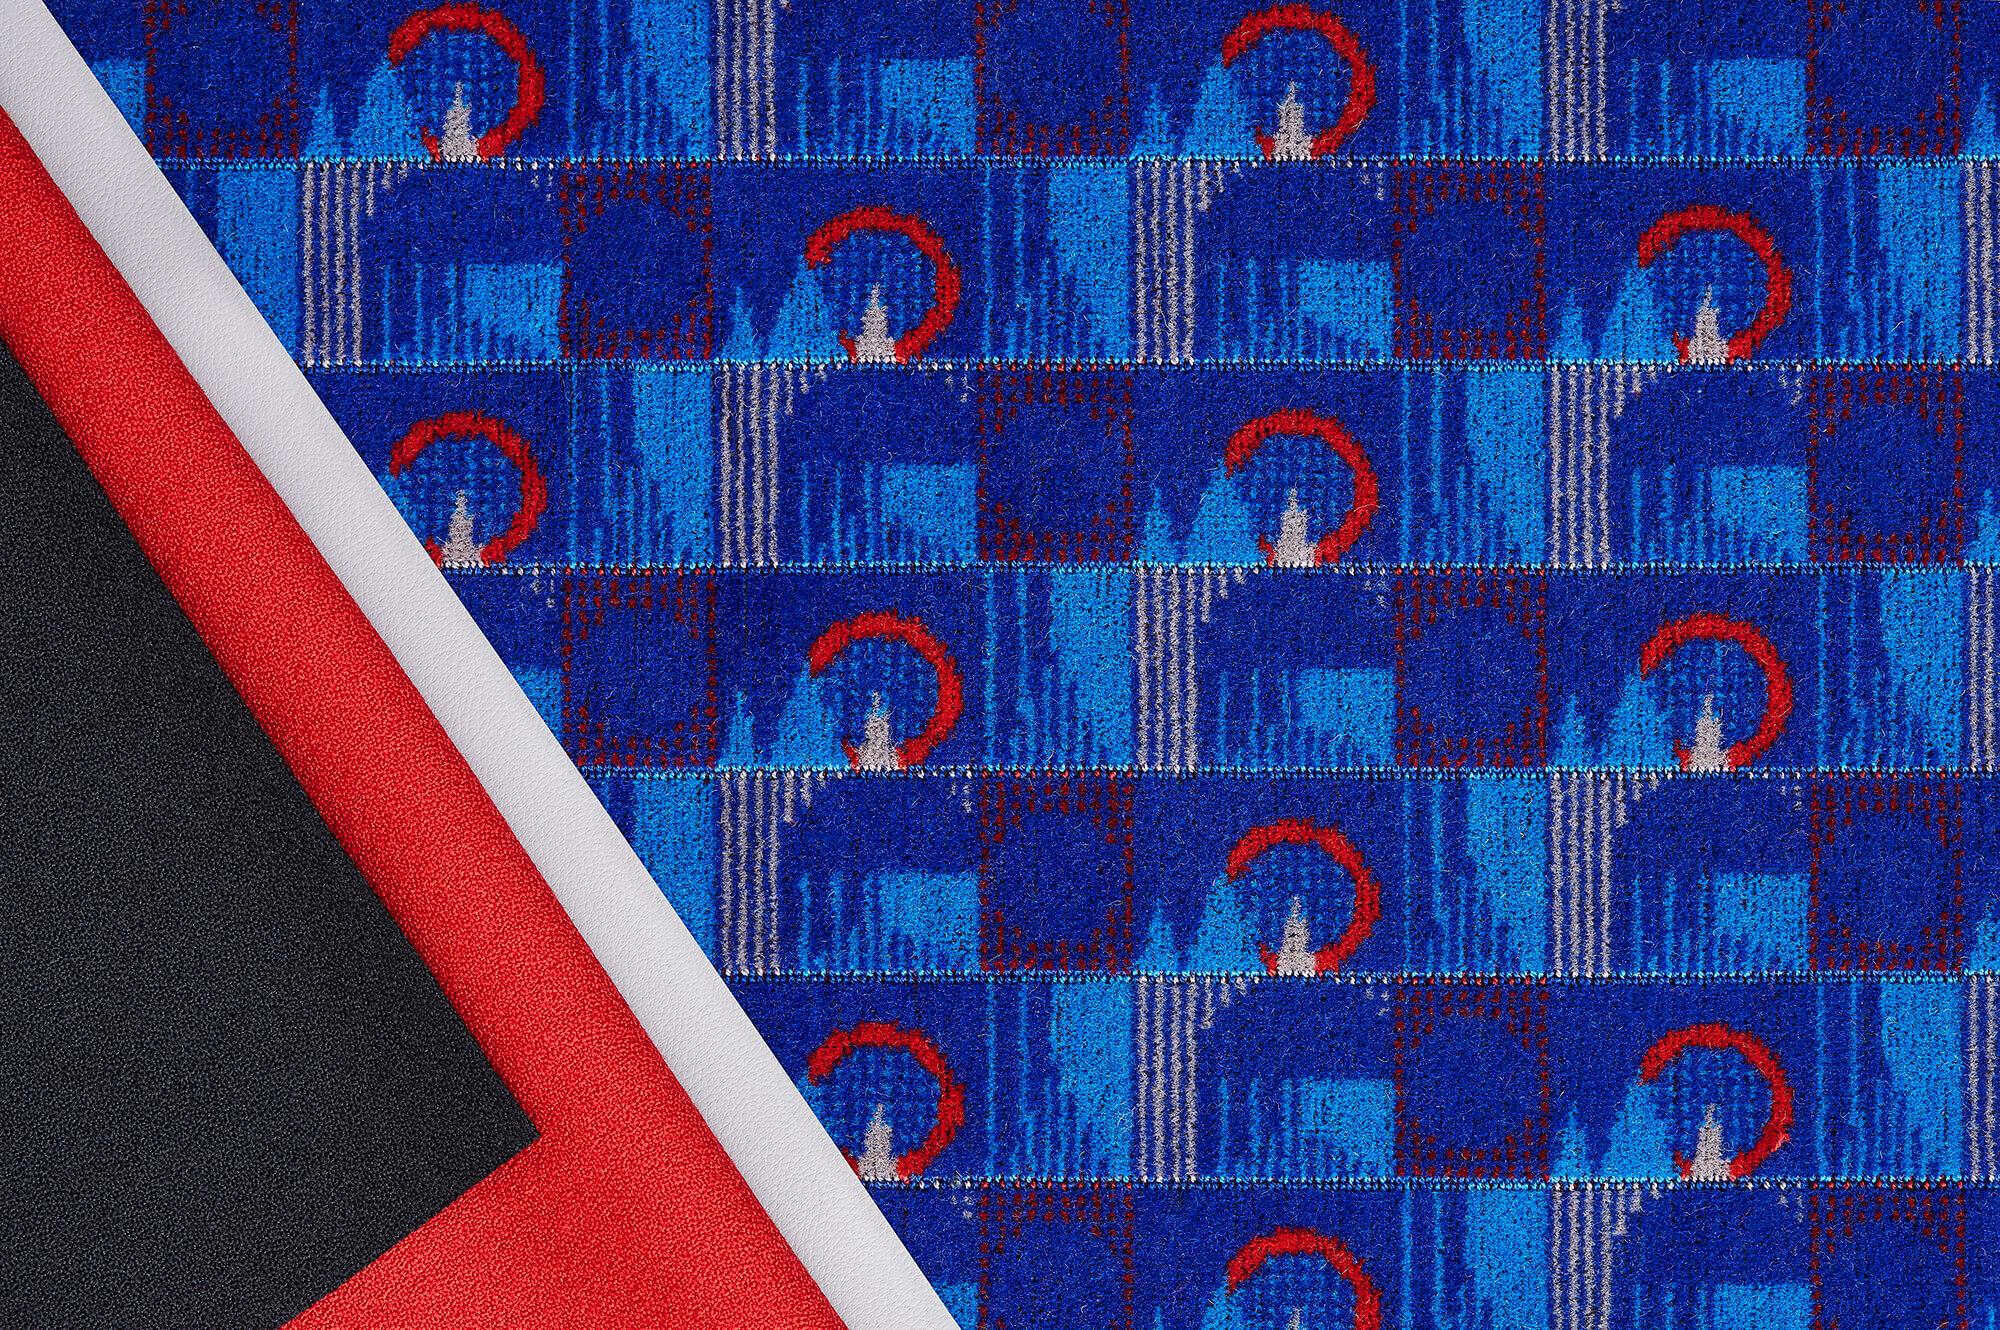 Moquette fabric for London Underground